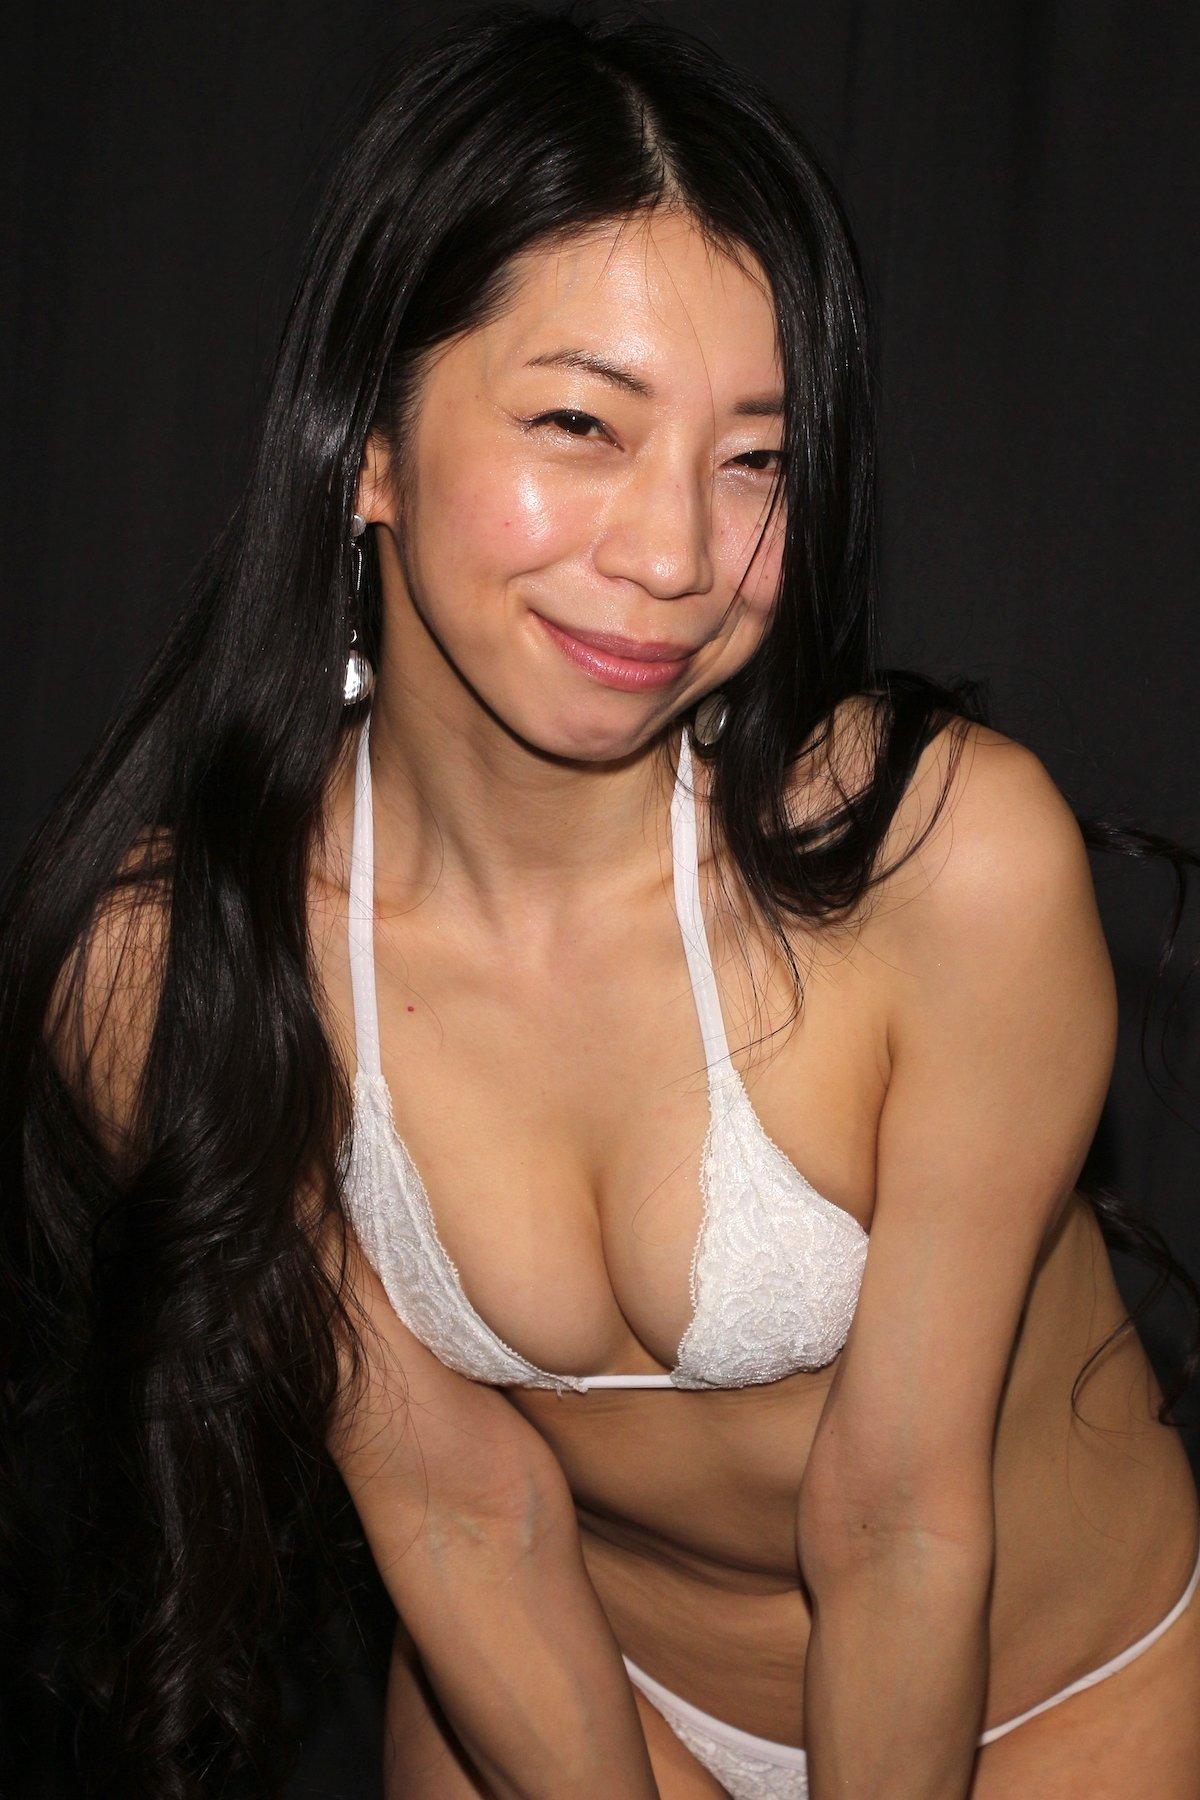 岩崎真奈「ベンチの縁にこすったり」私史上最高にセクシー【画像50枚】の画像034